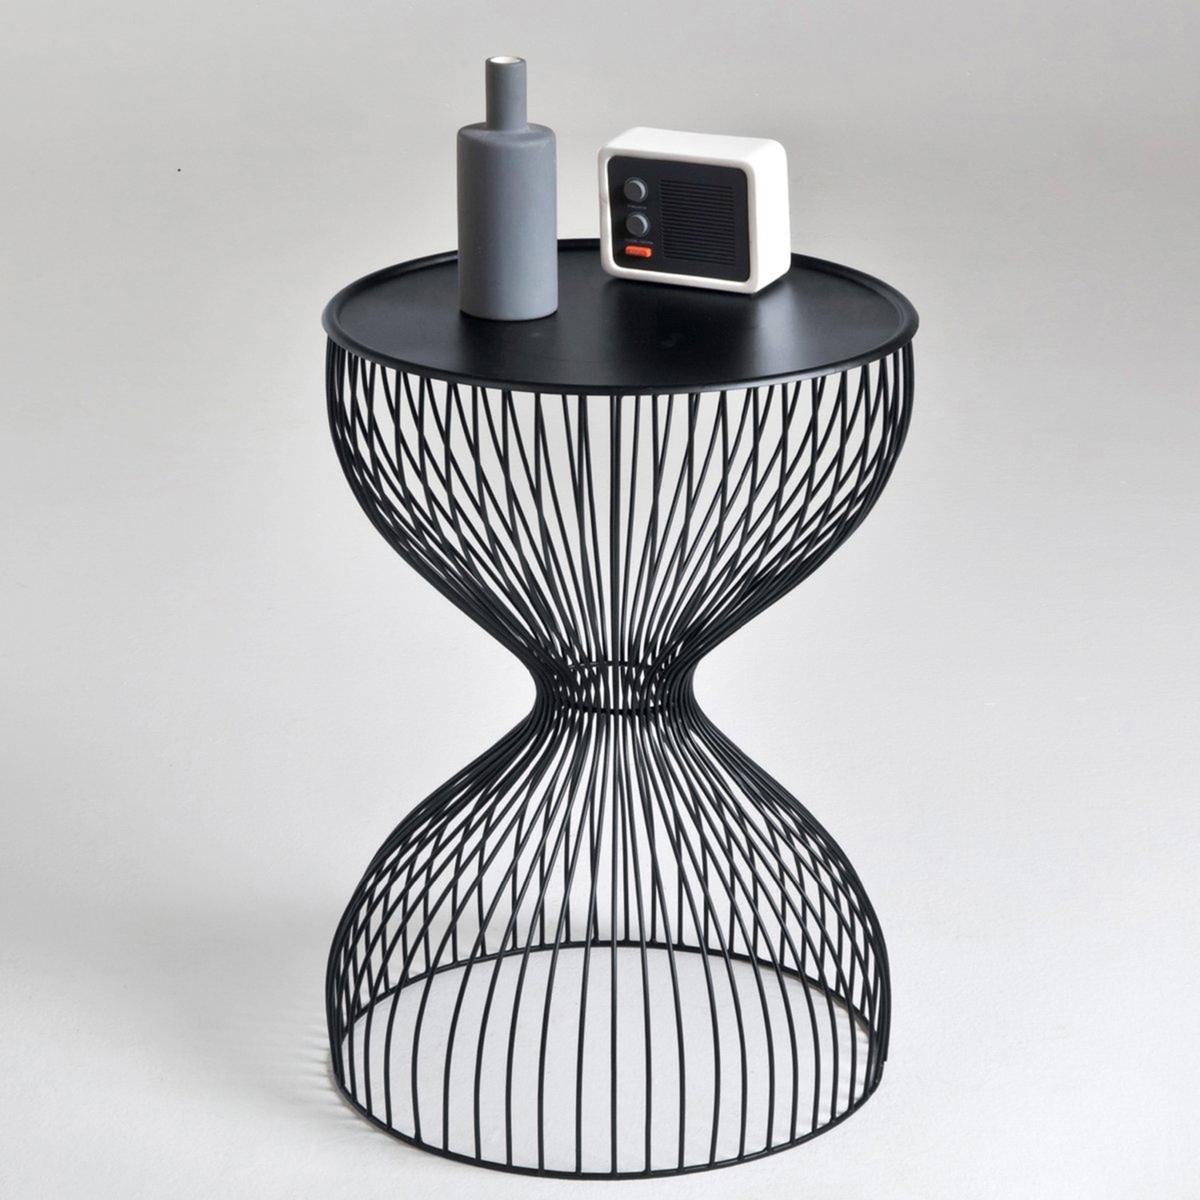 Прикроватный La Redoute Столик из проволоки Janik единый размер черный тумба la redoute металлическая полки janik единый размер белый